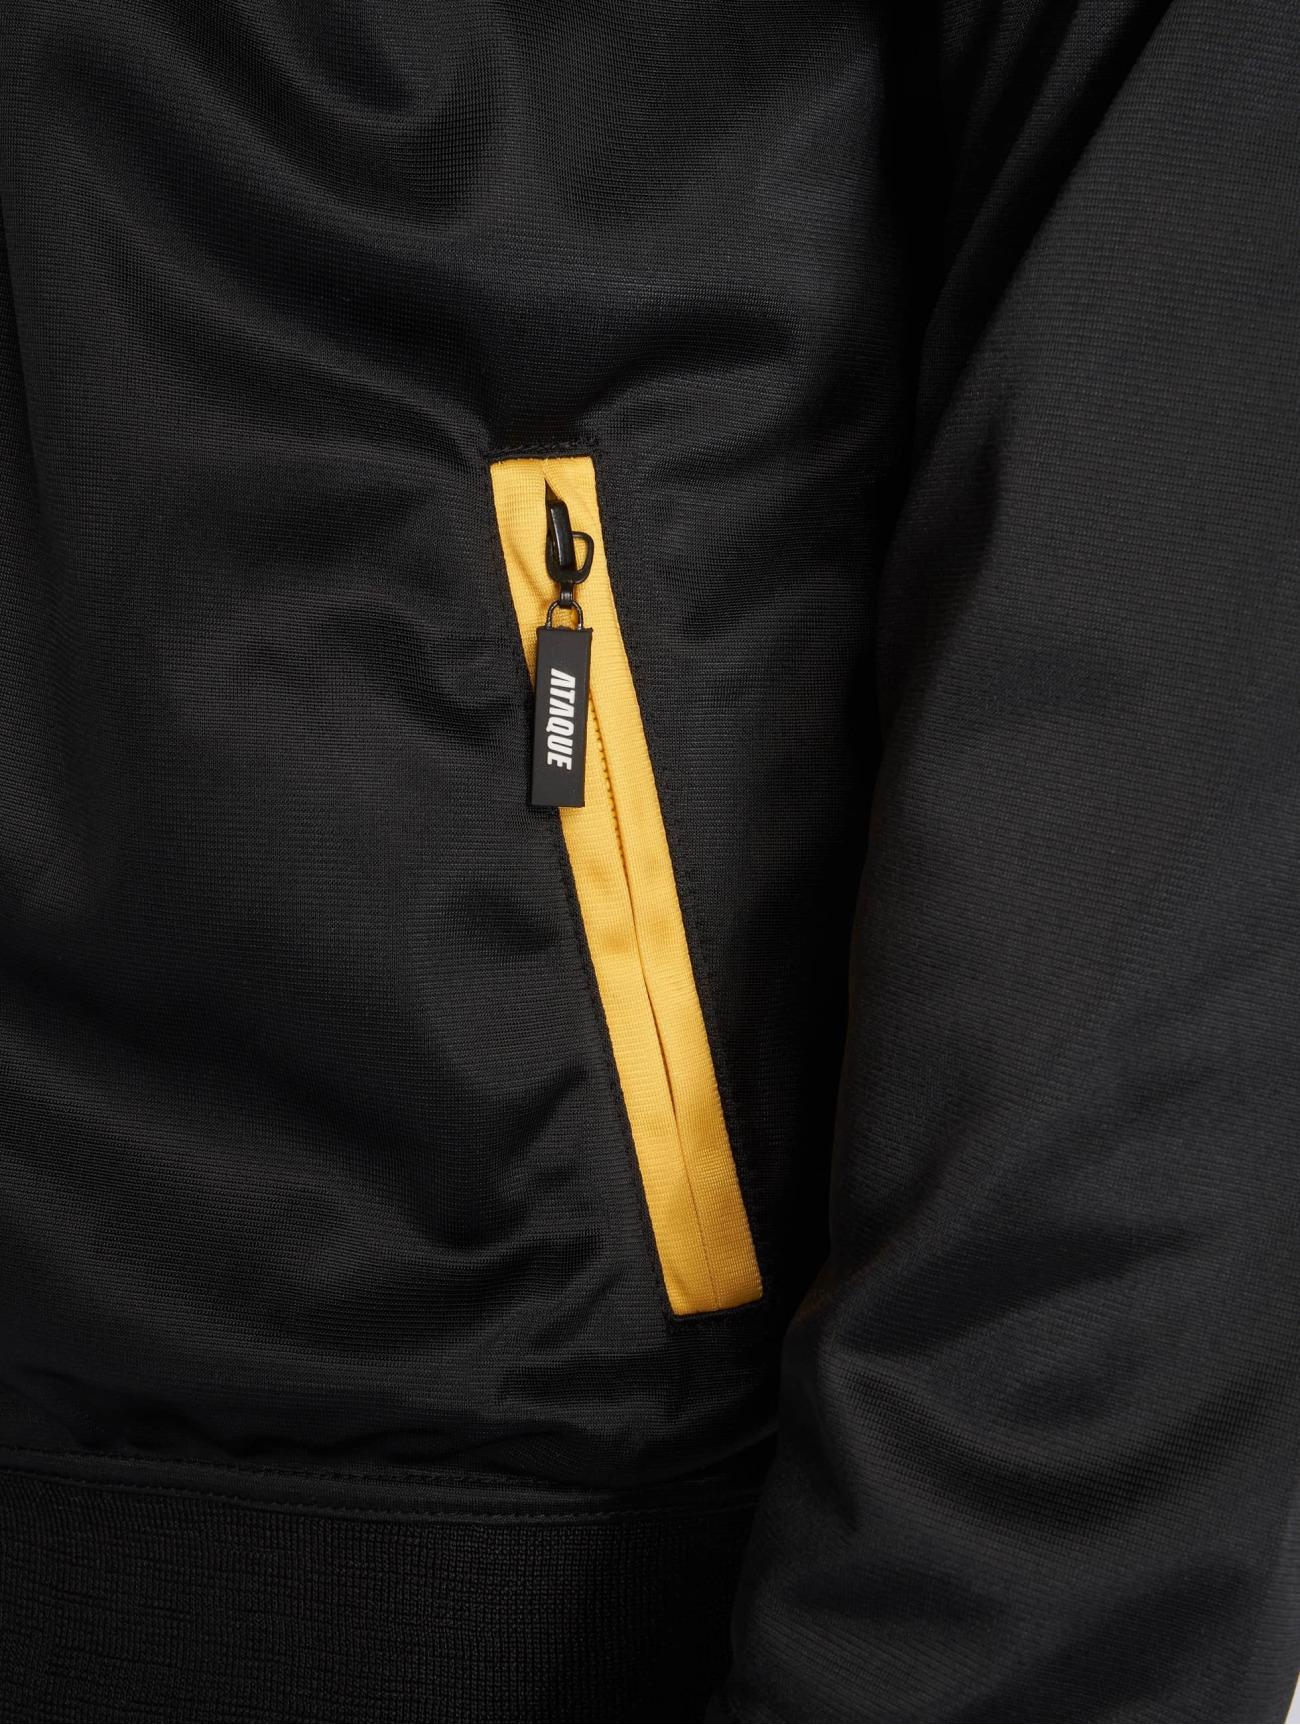 Ataque | Goya   noir Homme Veste mi-saison légère  489417| Homme Manteaux & Vestes